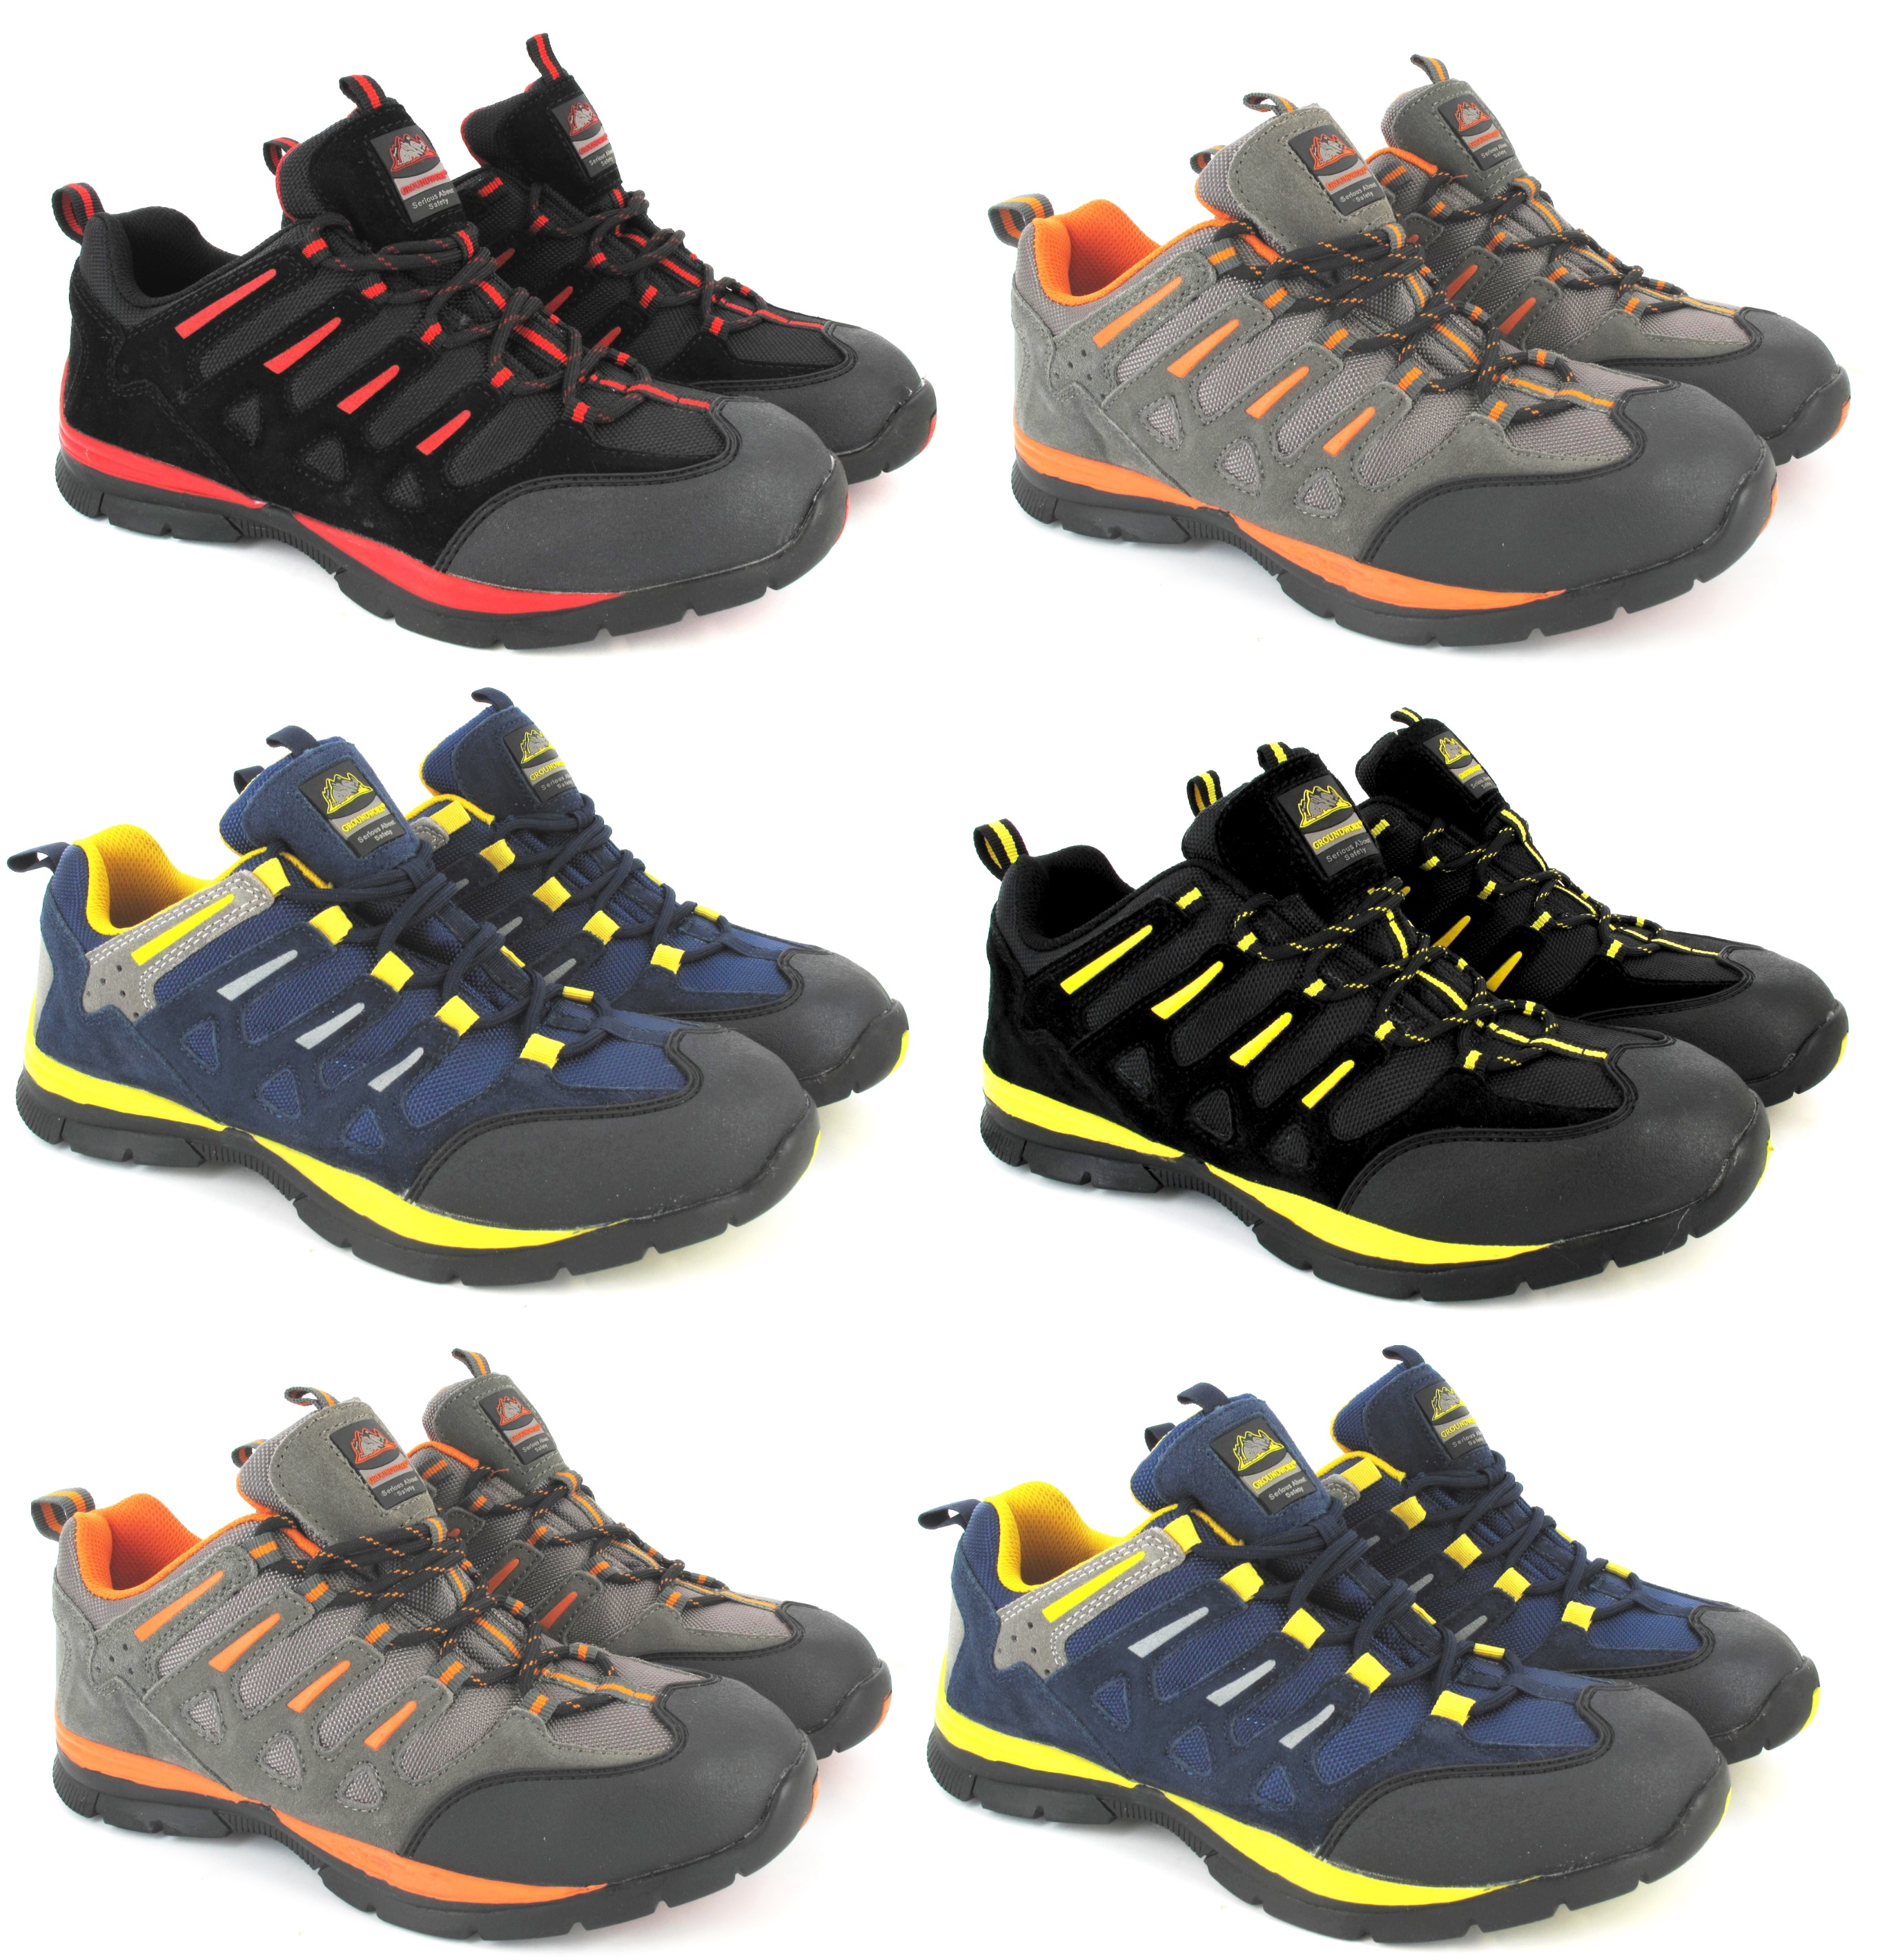 Hombres liviano nuevo con puntera de acero seguridad - Zapatillas de trabajo ...